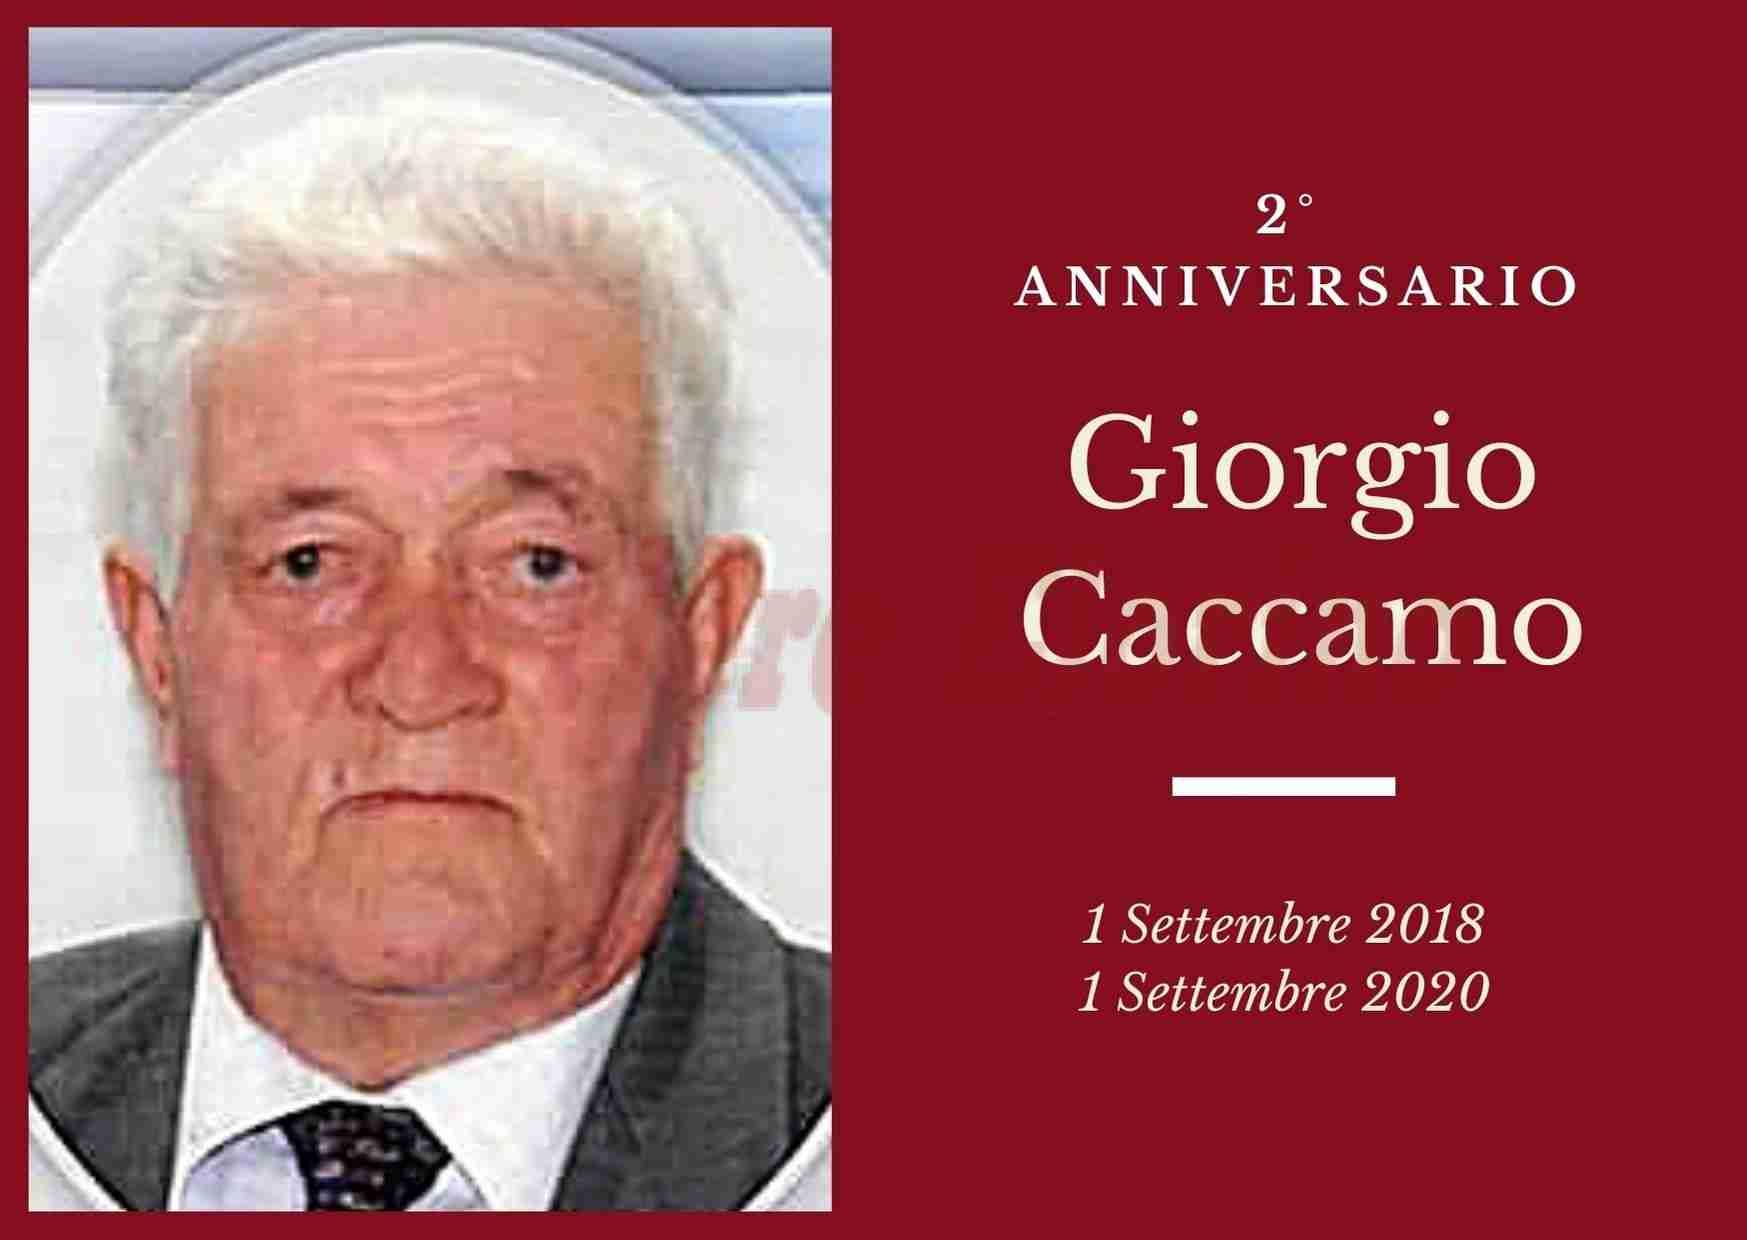 Necrologio: ricorre oggi il 2° Anniversario di Giorgio Caccamo